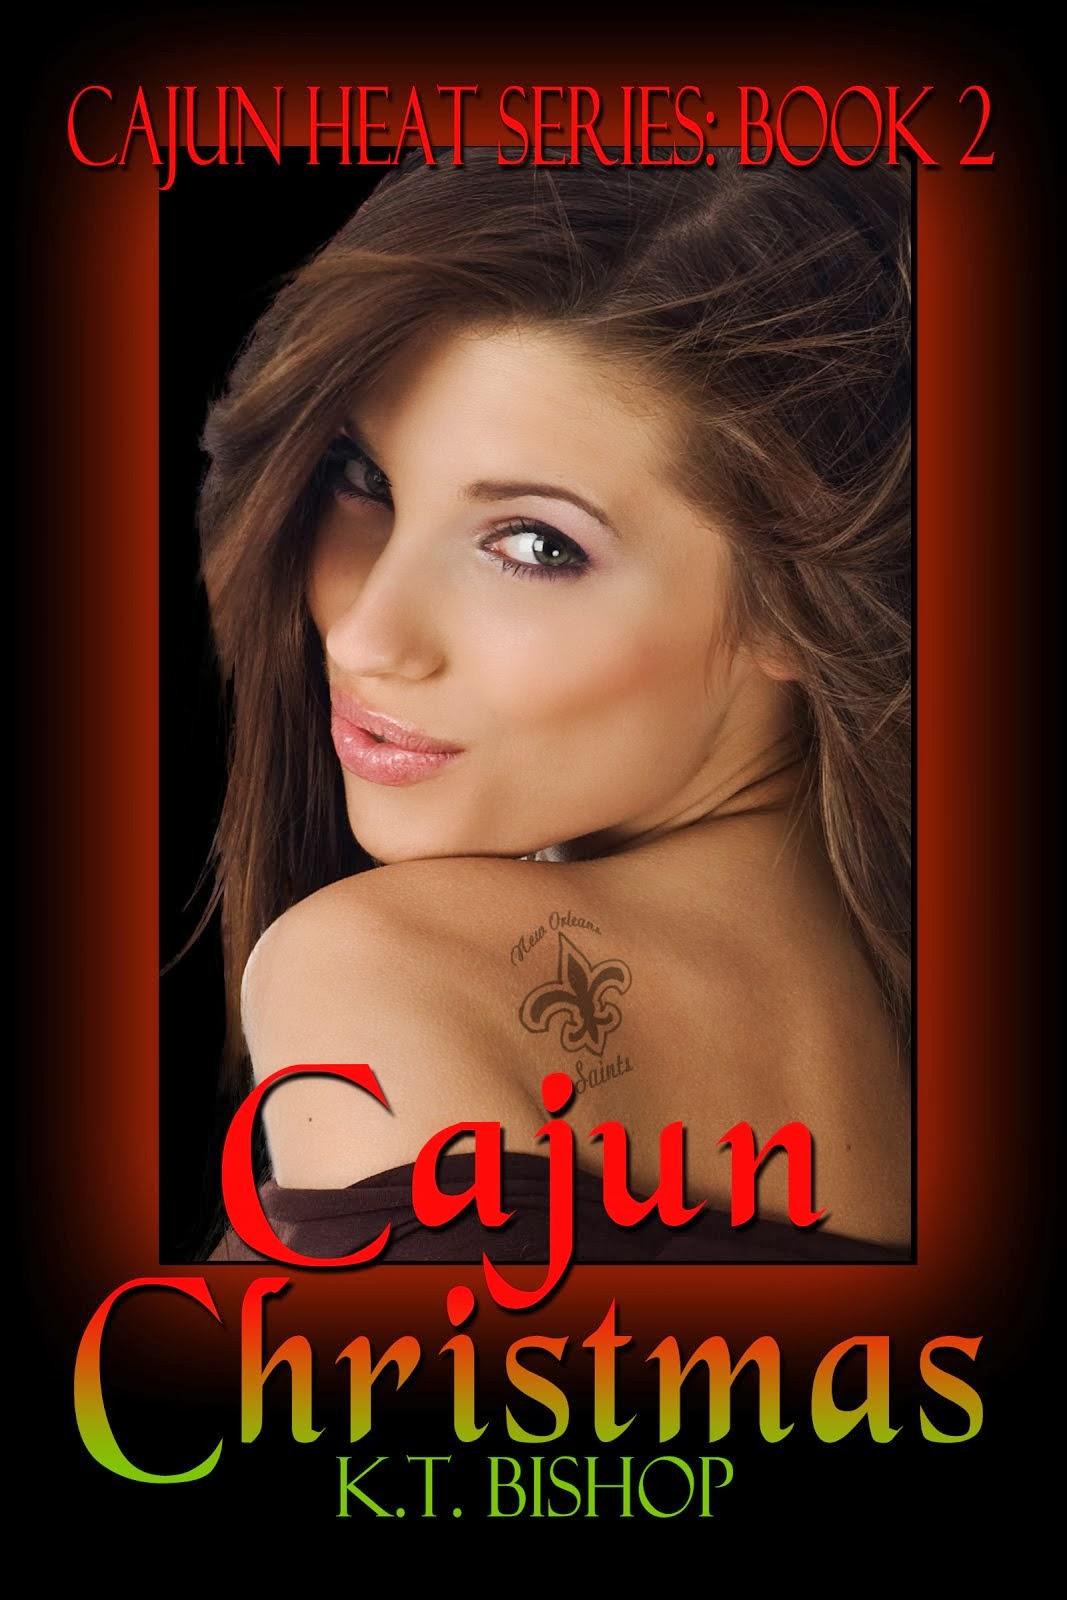 A Cajun Christmas